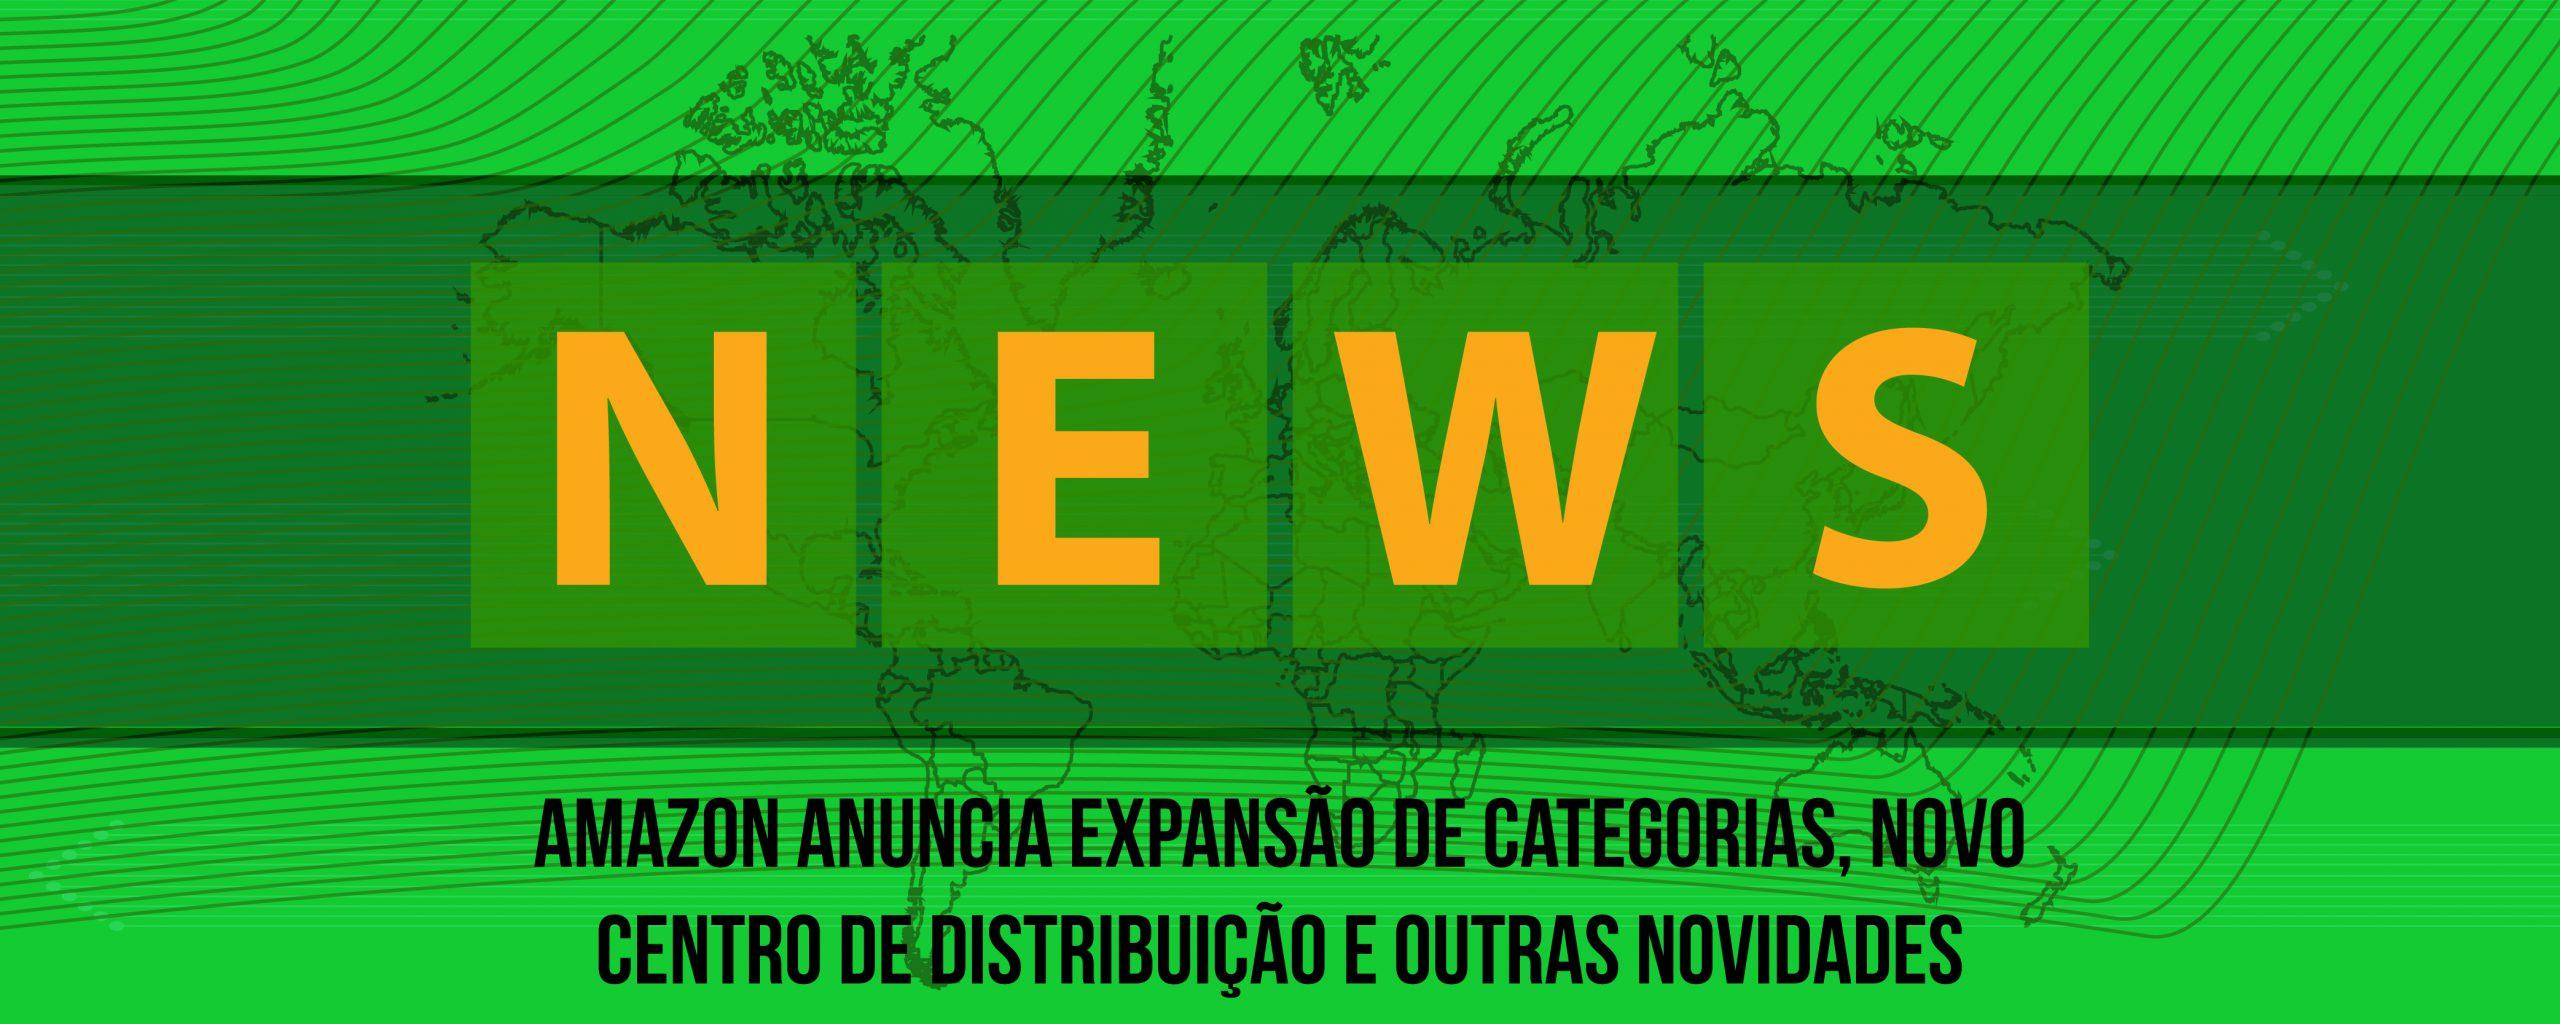 Amazon Anuncia Expansão de Categorias, Novo Centro de Distribuição e outras novidades